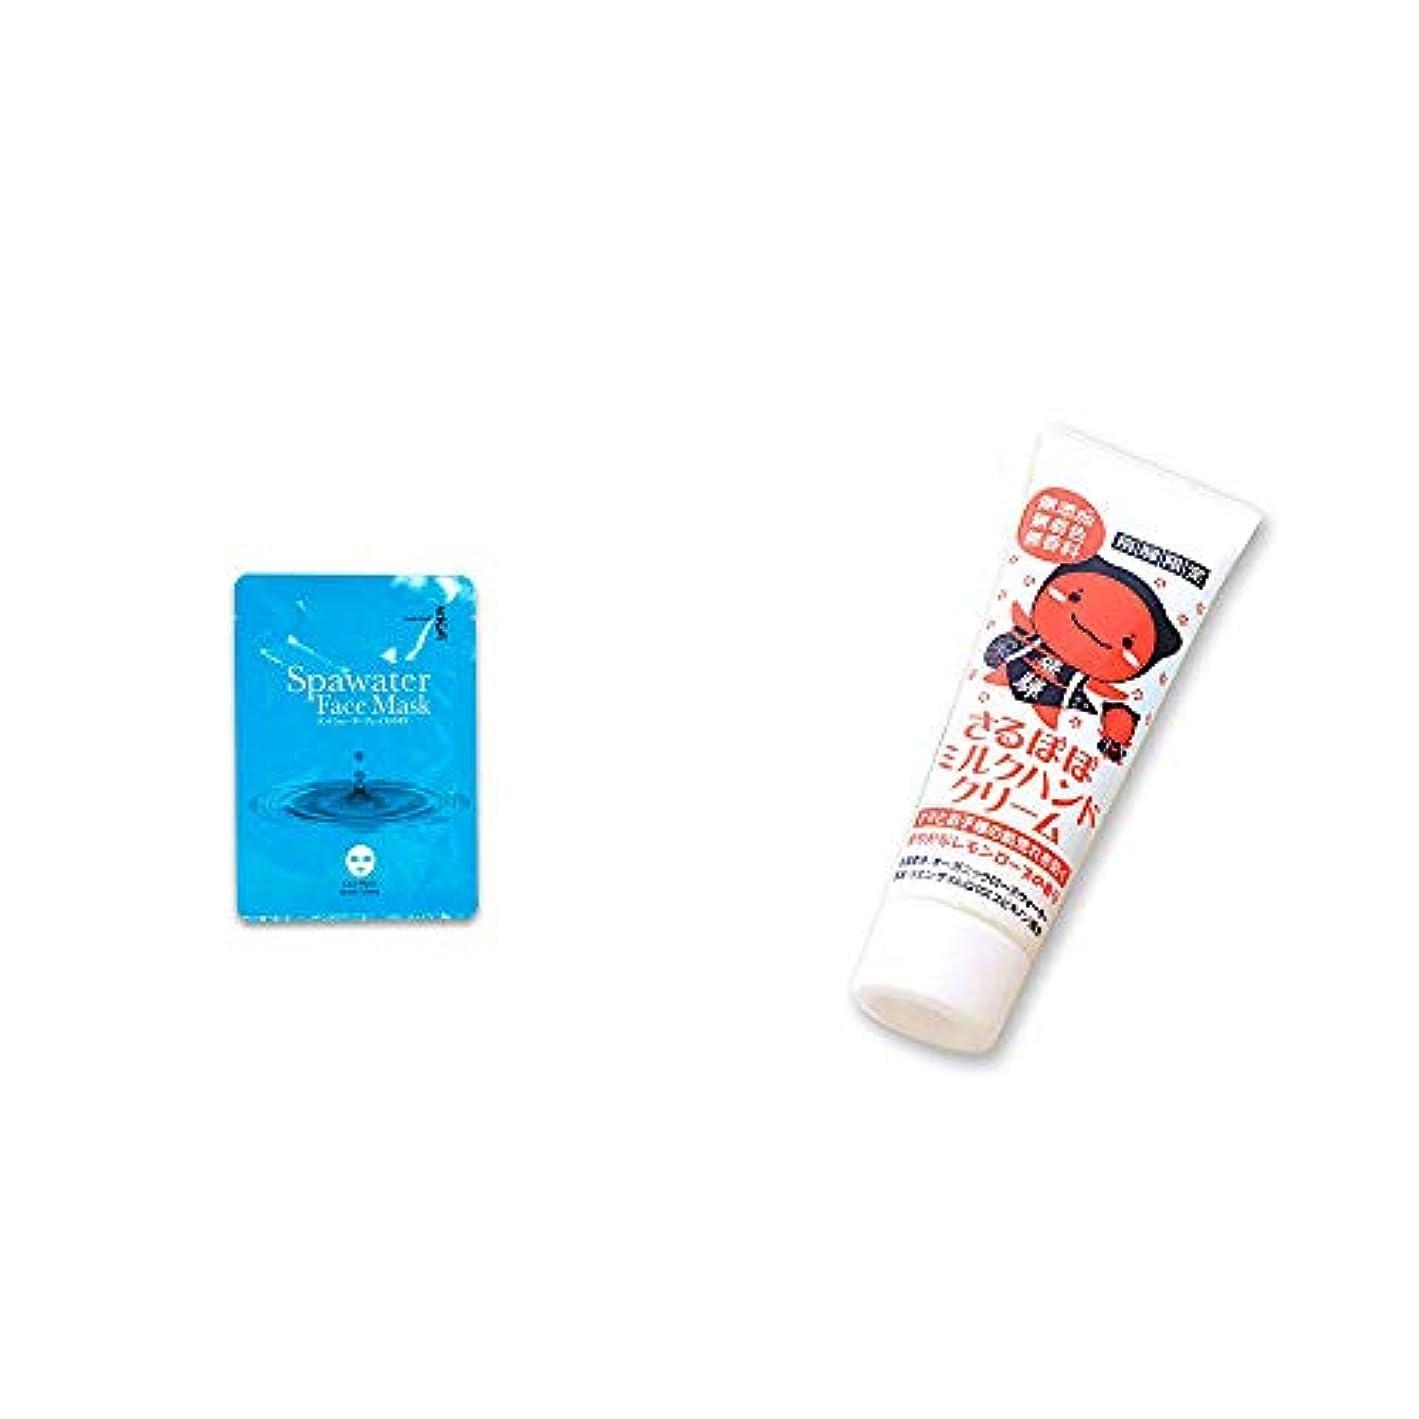 悪質なミス異常な[2点セット] ひのき炭黒泉 スパウォーターフェイスマスク(18ml×3枚入)?さるぼぼ ミルクハンドクリーム(50g)